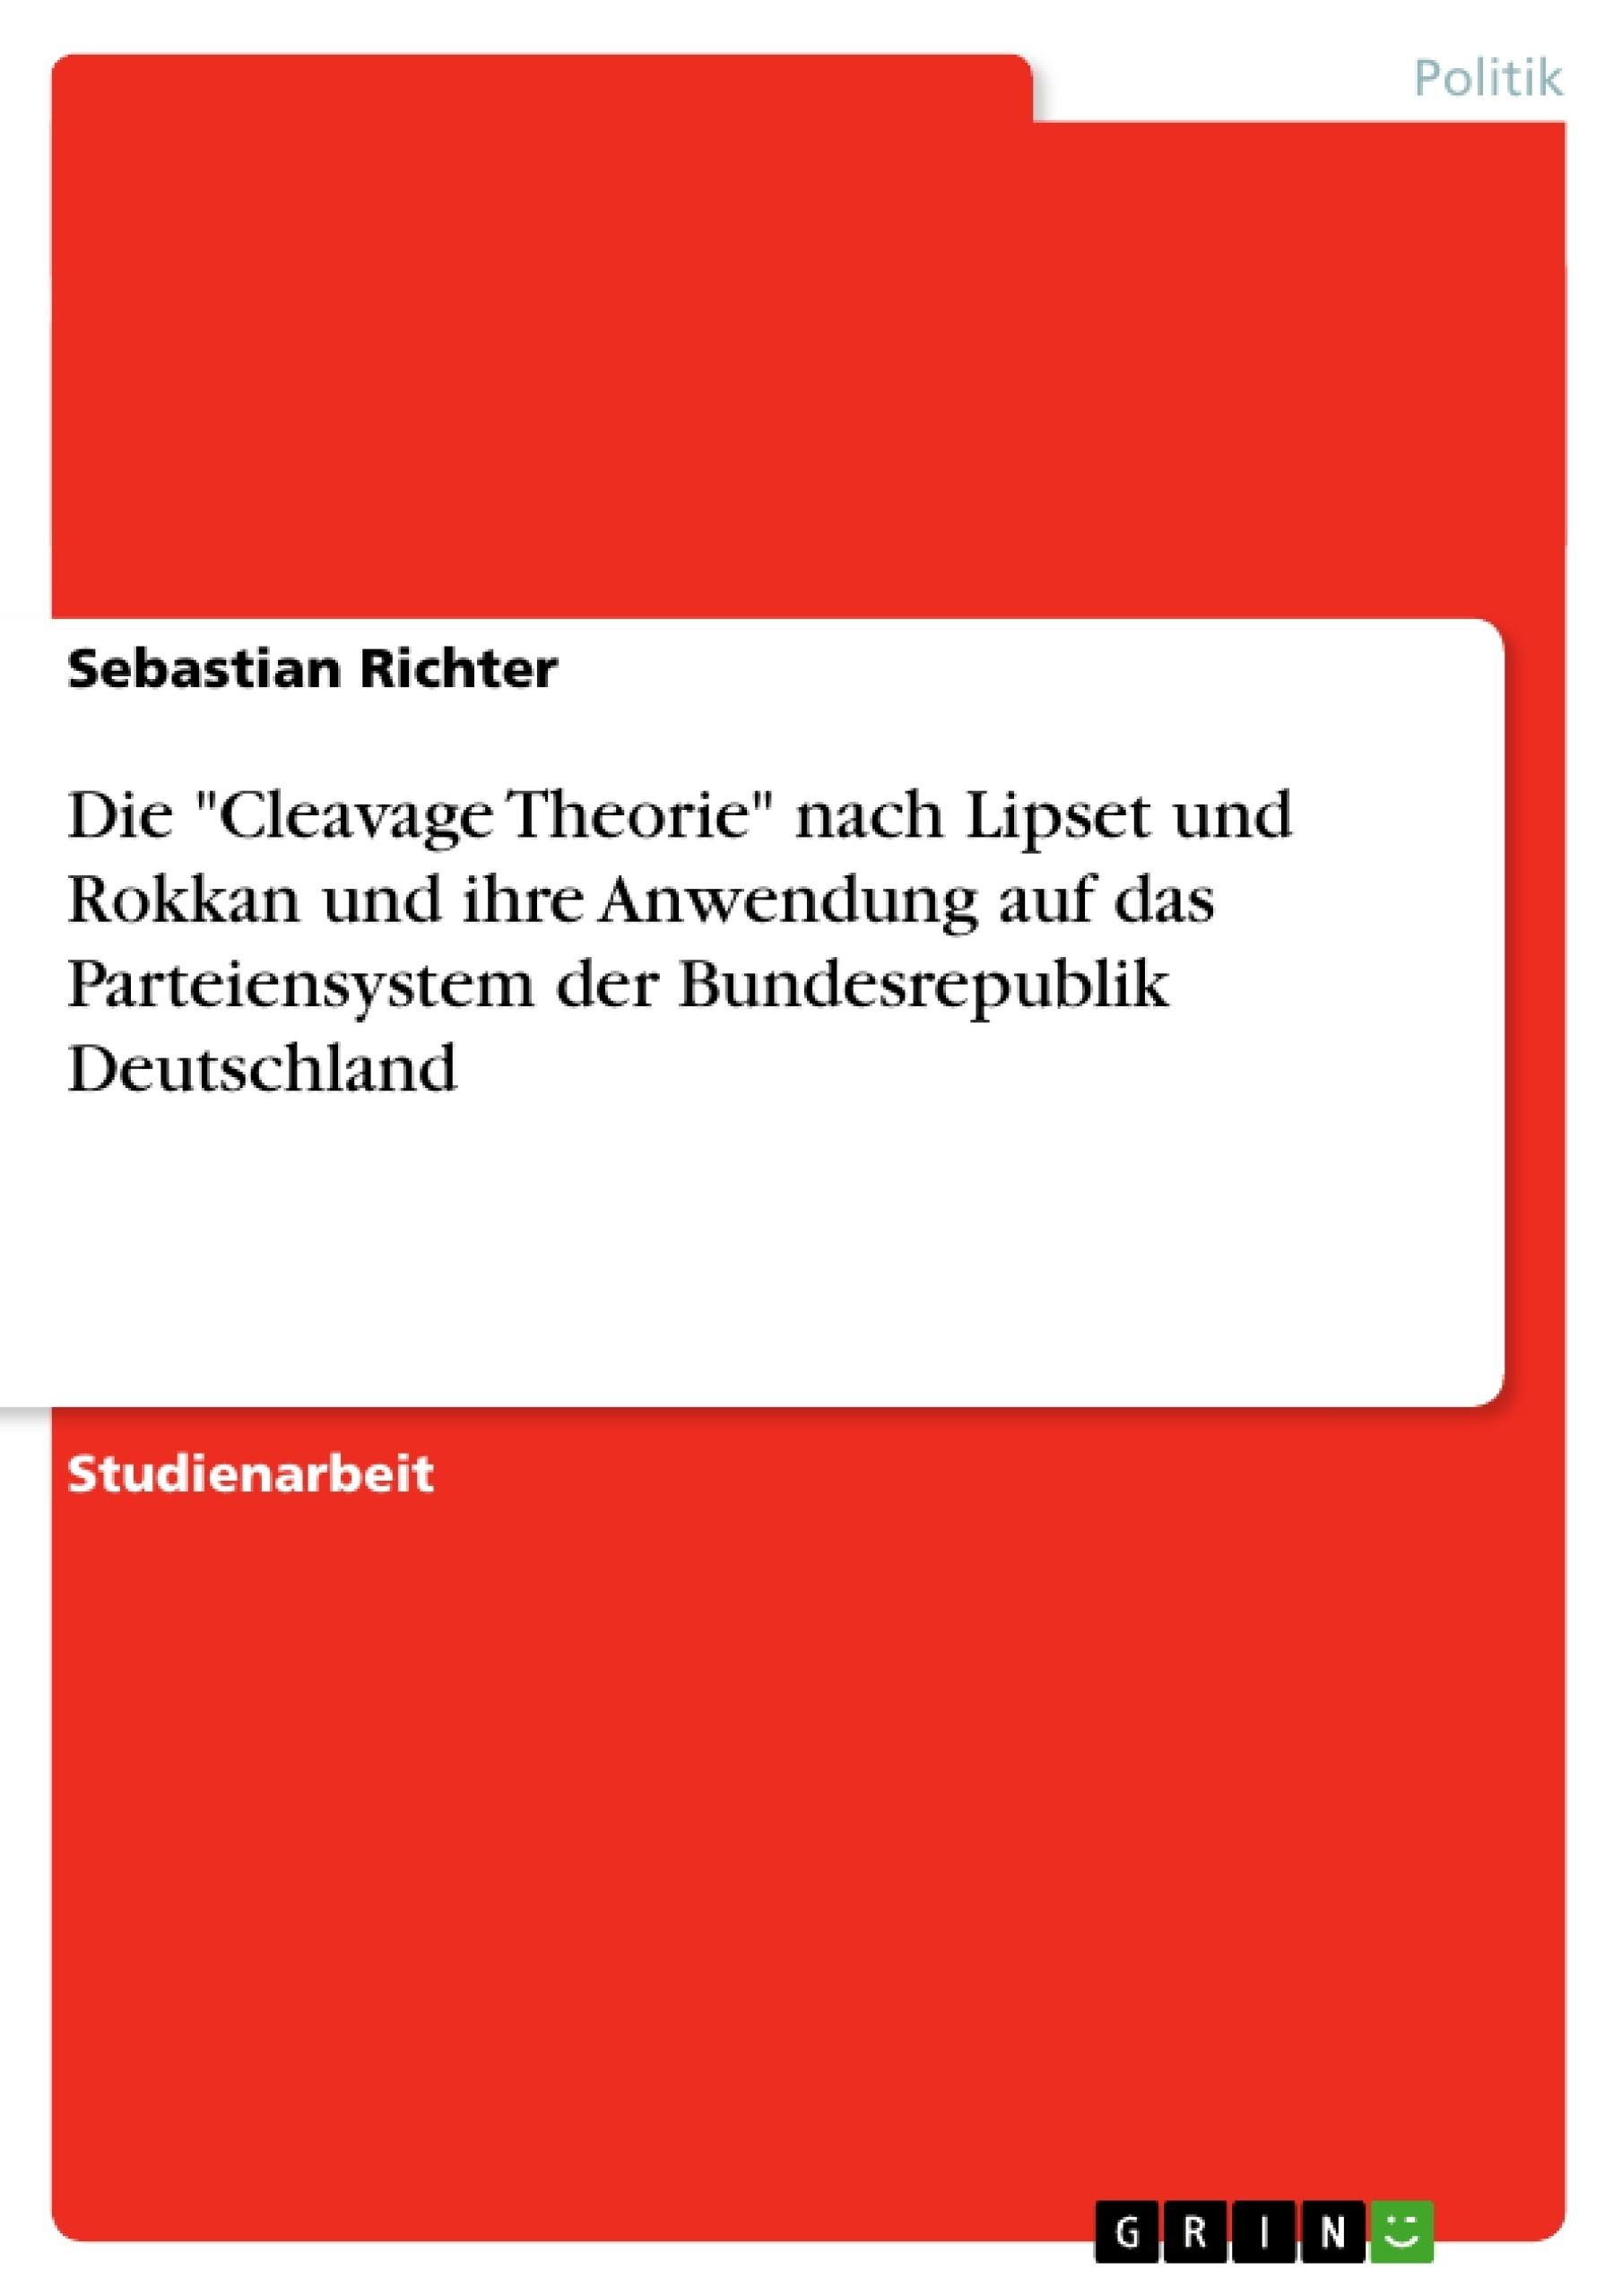 """Titel: Die """"Cleavage Theorie"""" nach Lipset und Rokkan und ihre Anwendung auf das Parteiensystem der Bundesrepublik Deutschland"""